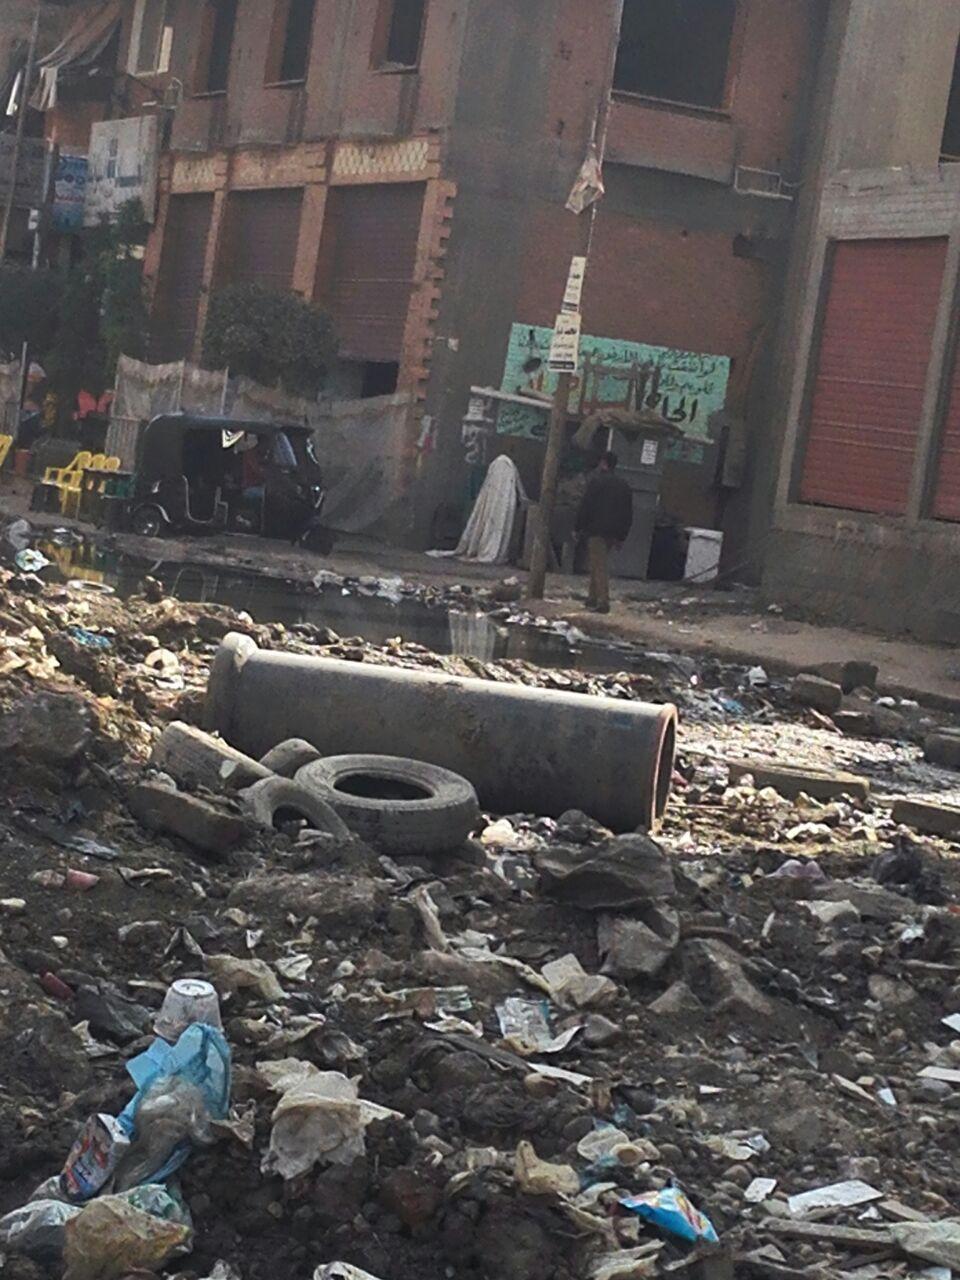 سكان شارع الشعراوي في شبرا الخيمة يطالبون بترميمه بعد أعمال حفر (صور)